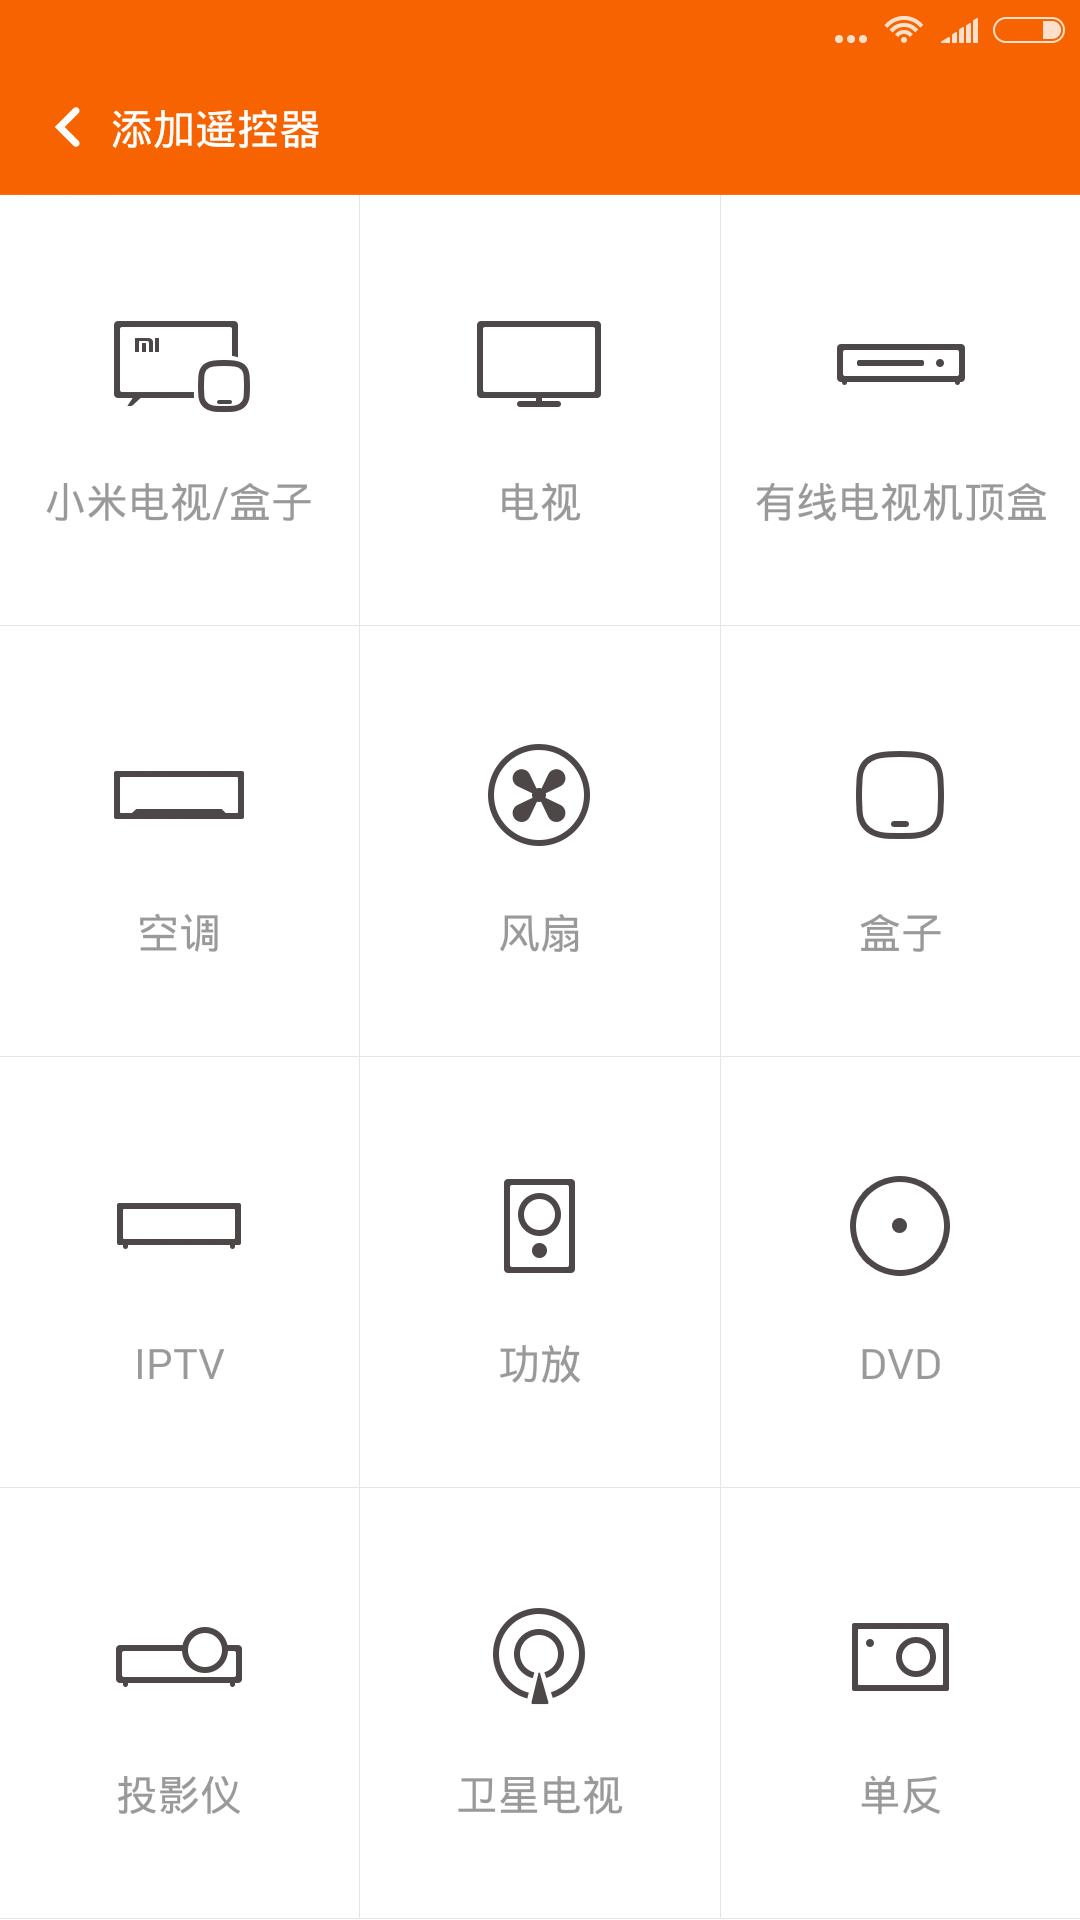 万能遥控安卓版 V5.9.4